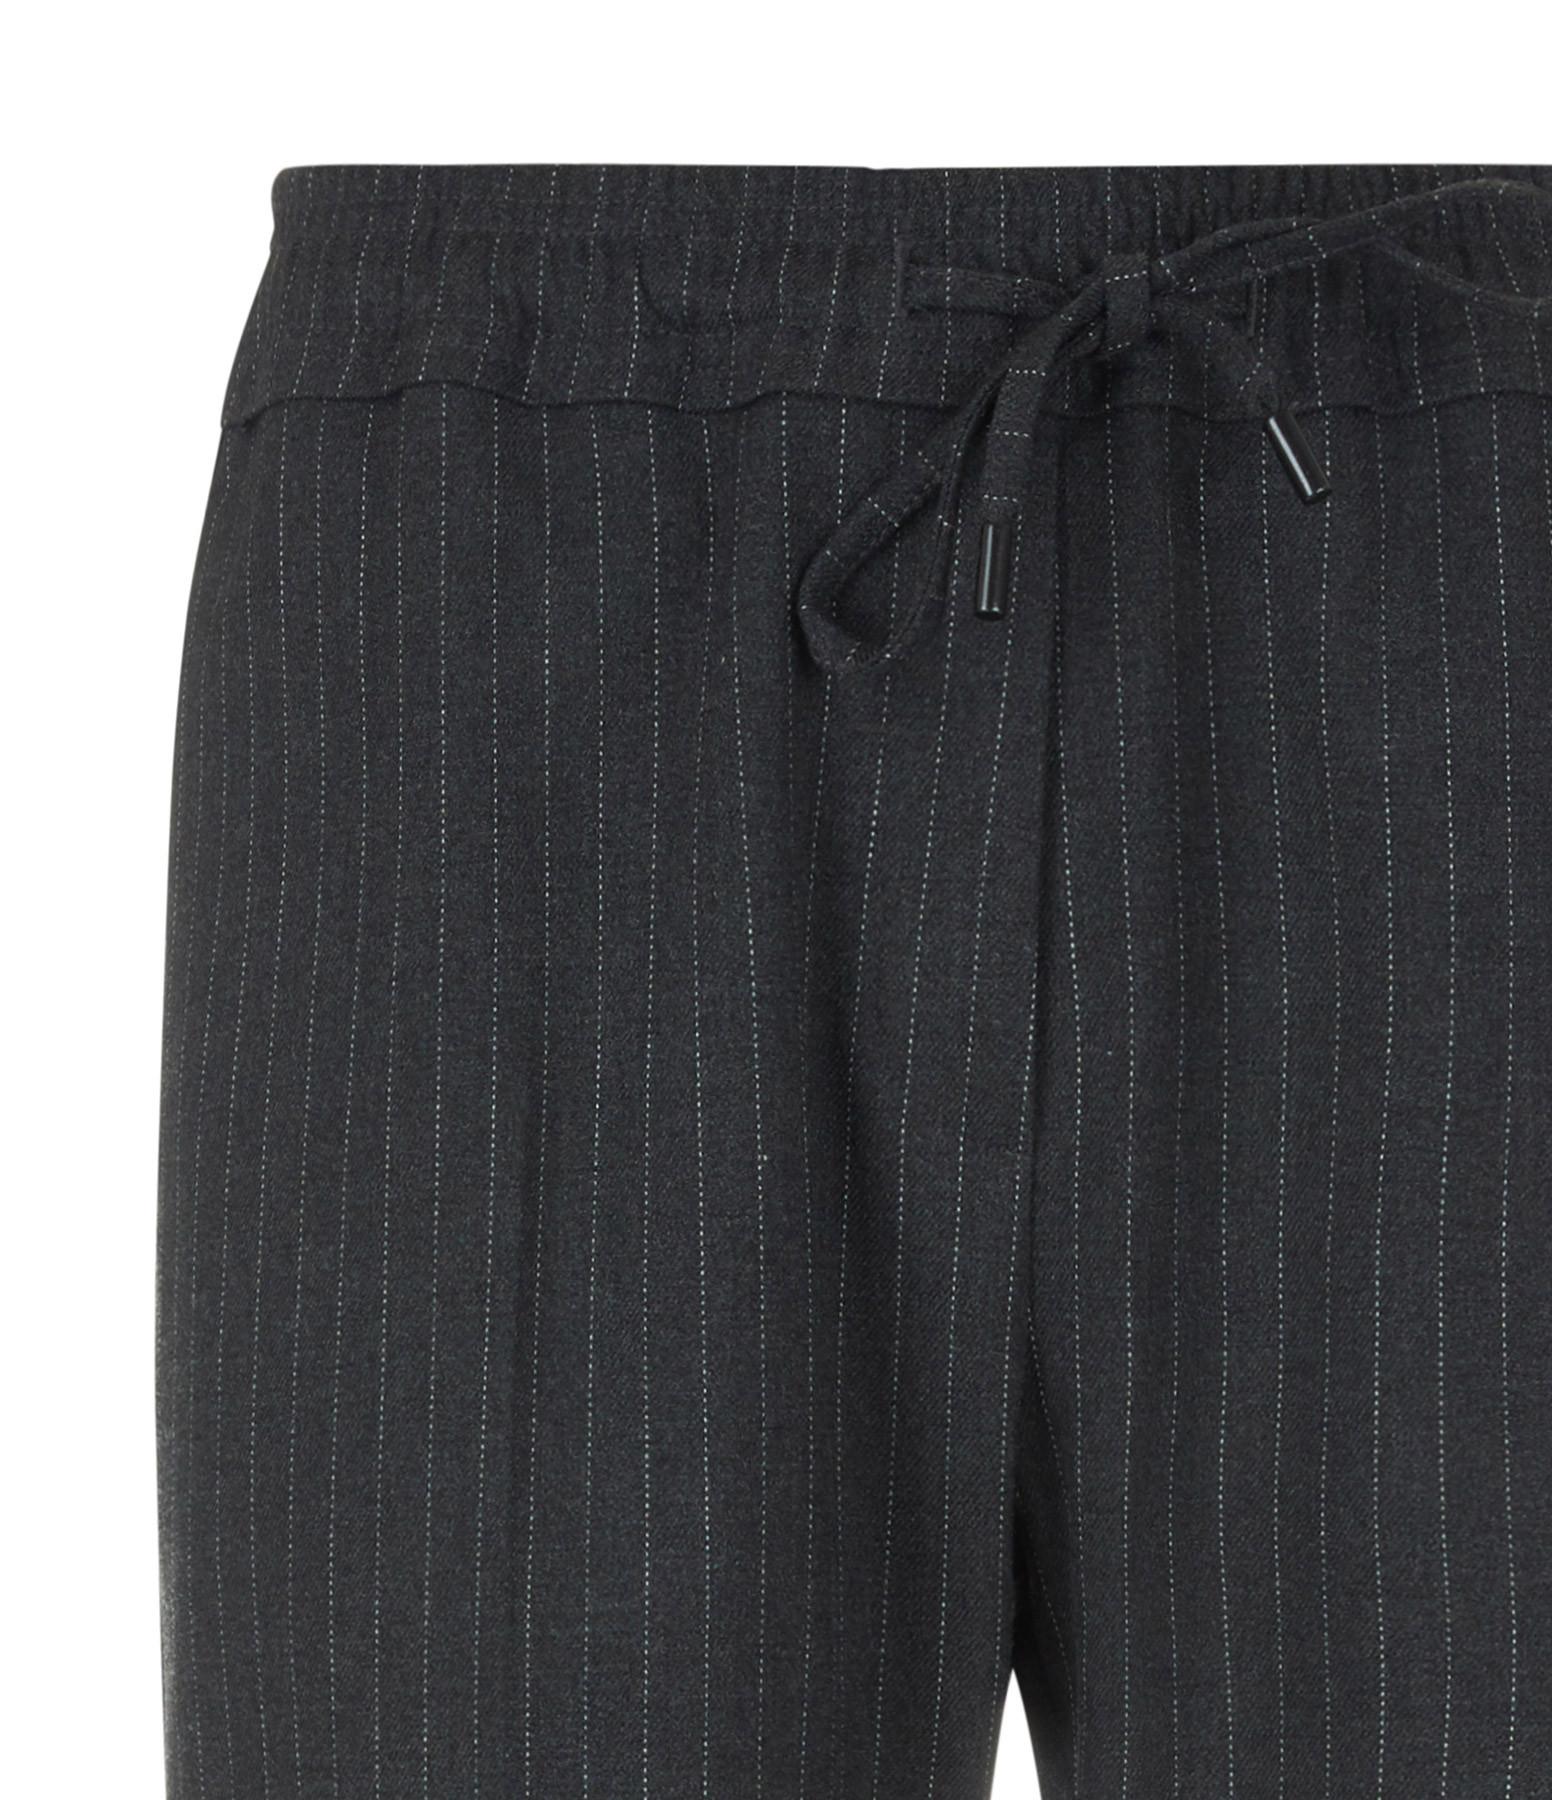 HANA SAN - Pantalon Karop Carbone